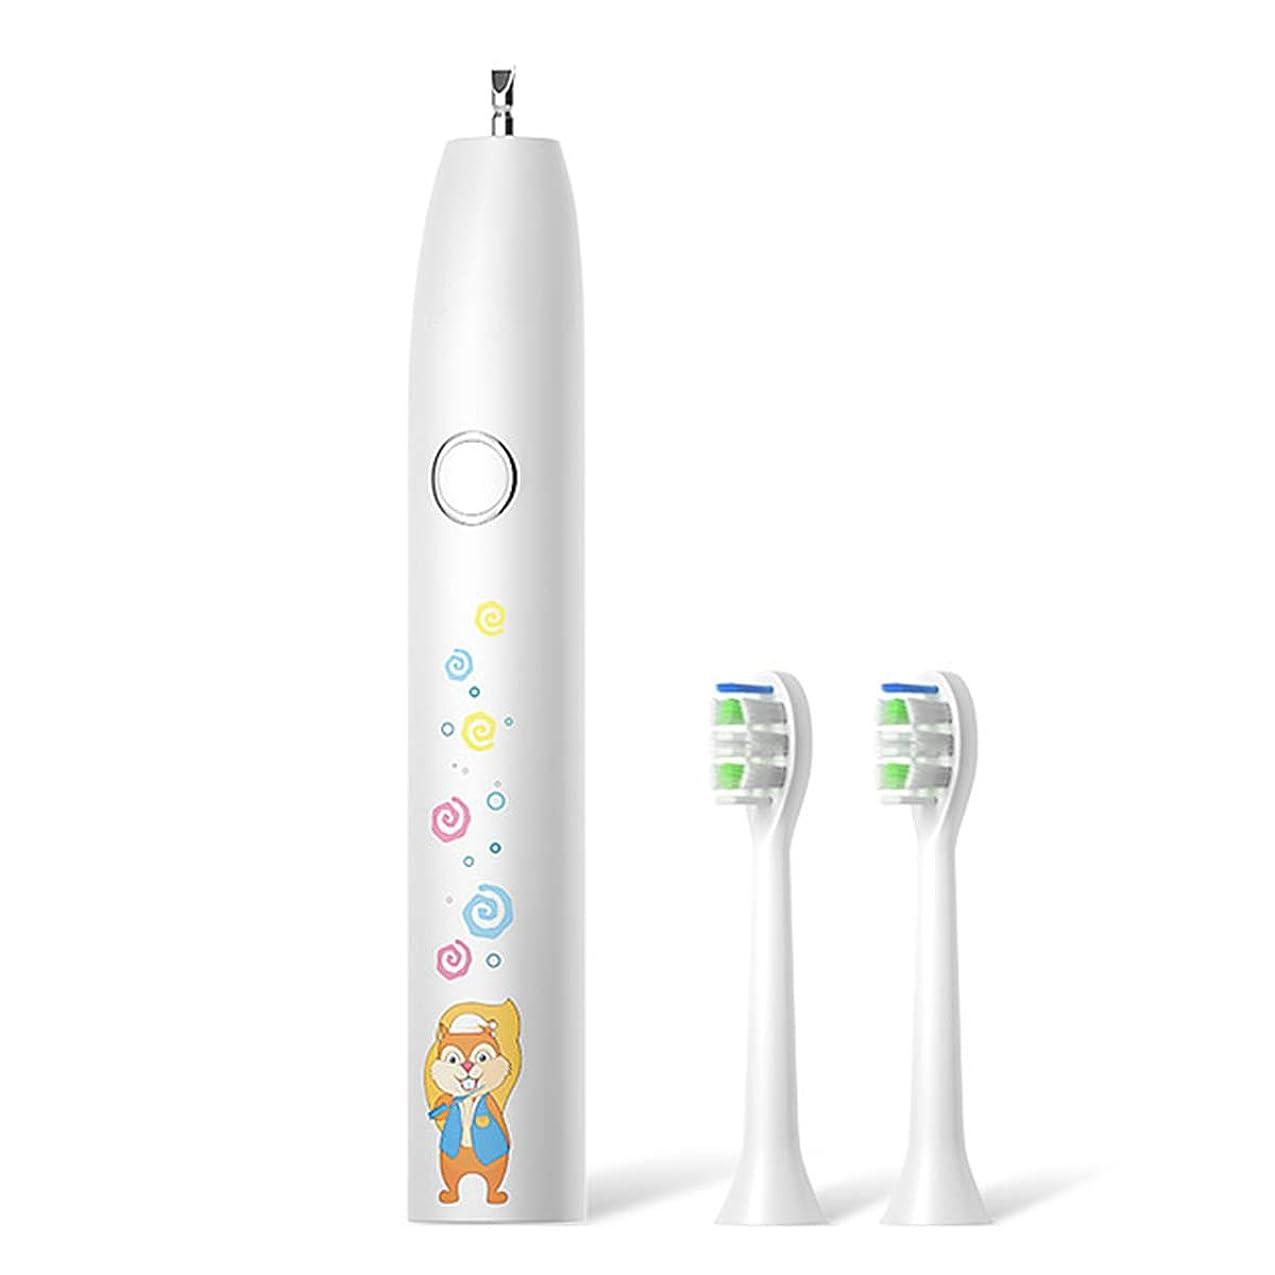 不可能なバンド同様に電動歯ブラシ 口腔洗浄器 歯ブラシ 怠け者歯ブラシ 口腔健康用ツール 虫歯予防 全方位口腔健康 歯垢除去 細菌清浄 プレゼント IPX7防水 ポータブル アップグレード 子供 (ホワイト)